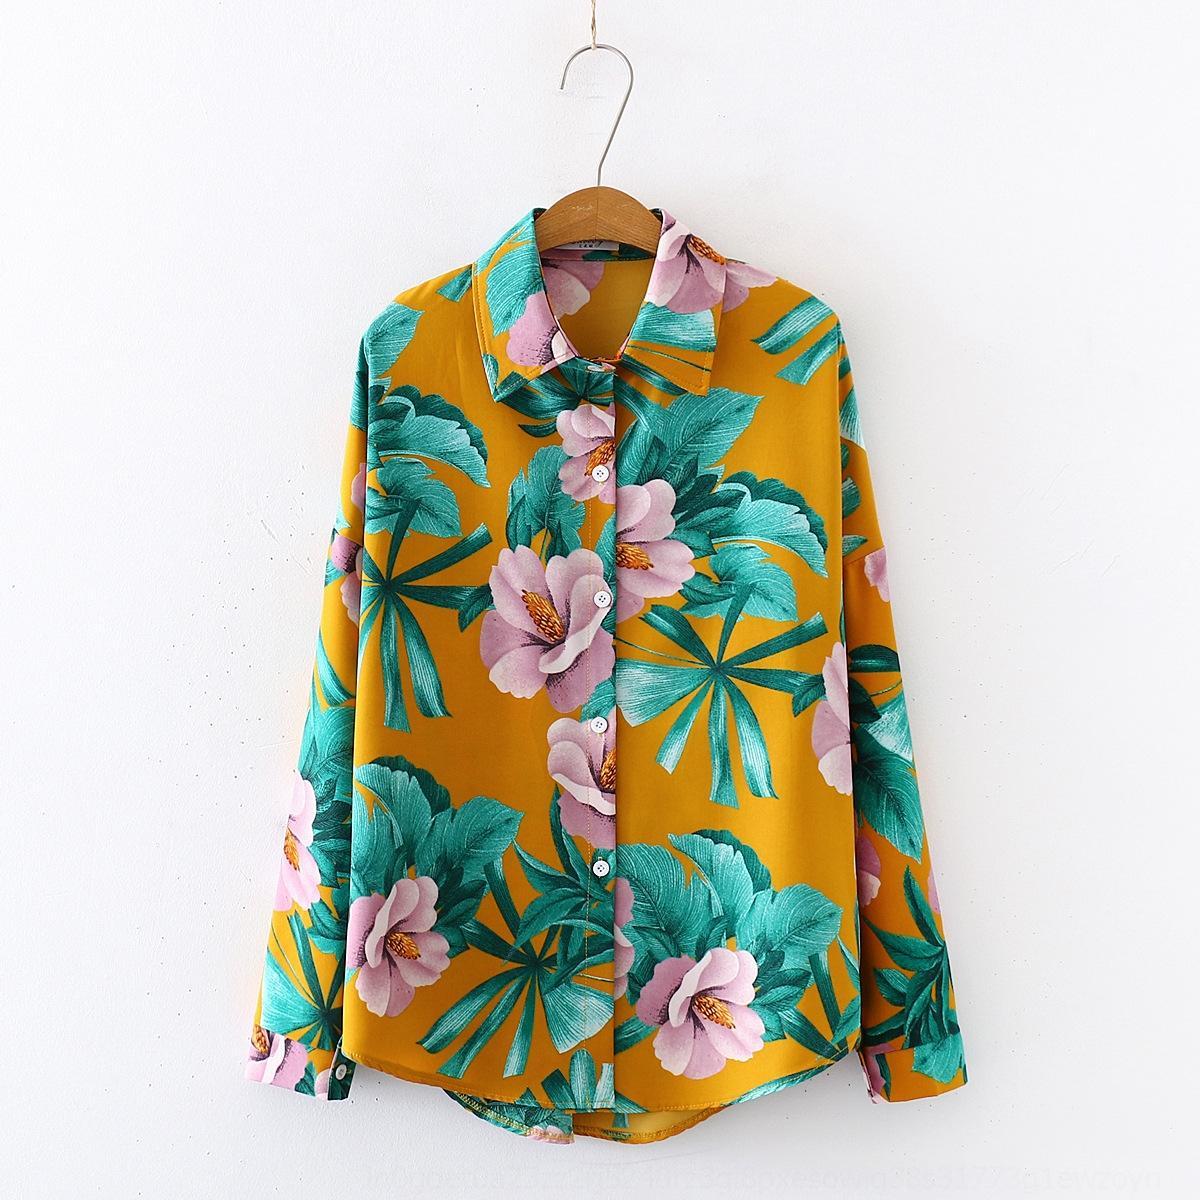 GeTt2 8z0Mr 2020 all'inizio della primavera nuova stampata camicia di stile del manicotto della lanterna lace-up Ciondolo vacanza Lanterna shirt da donna